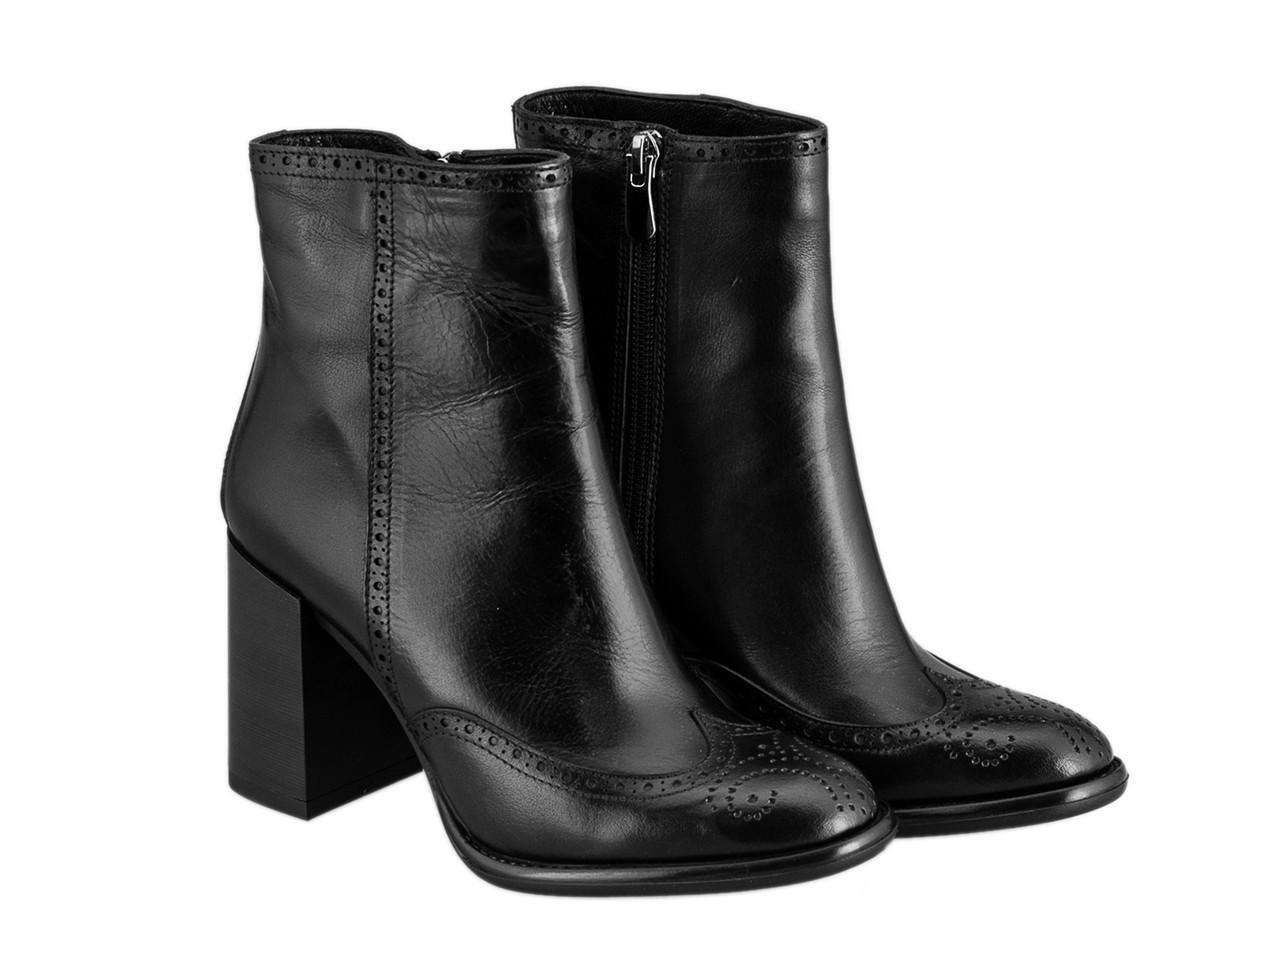 Ботинки Etor 5670-012-1440 37 черные